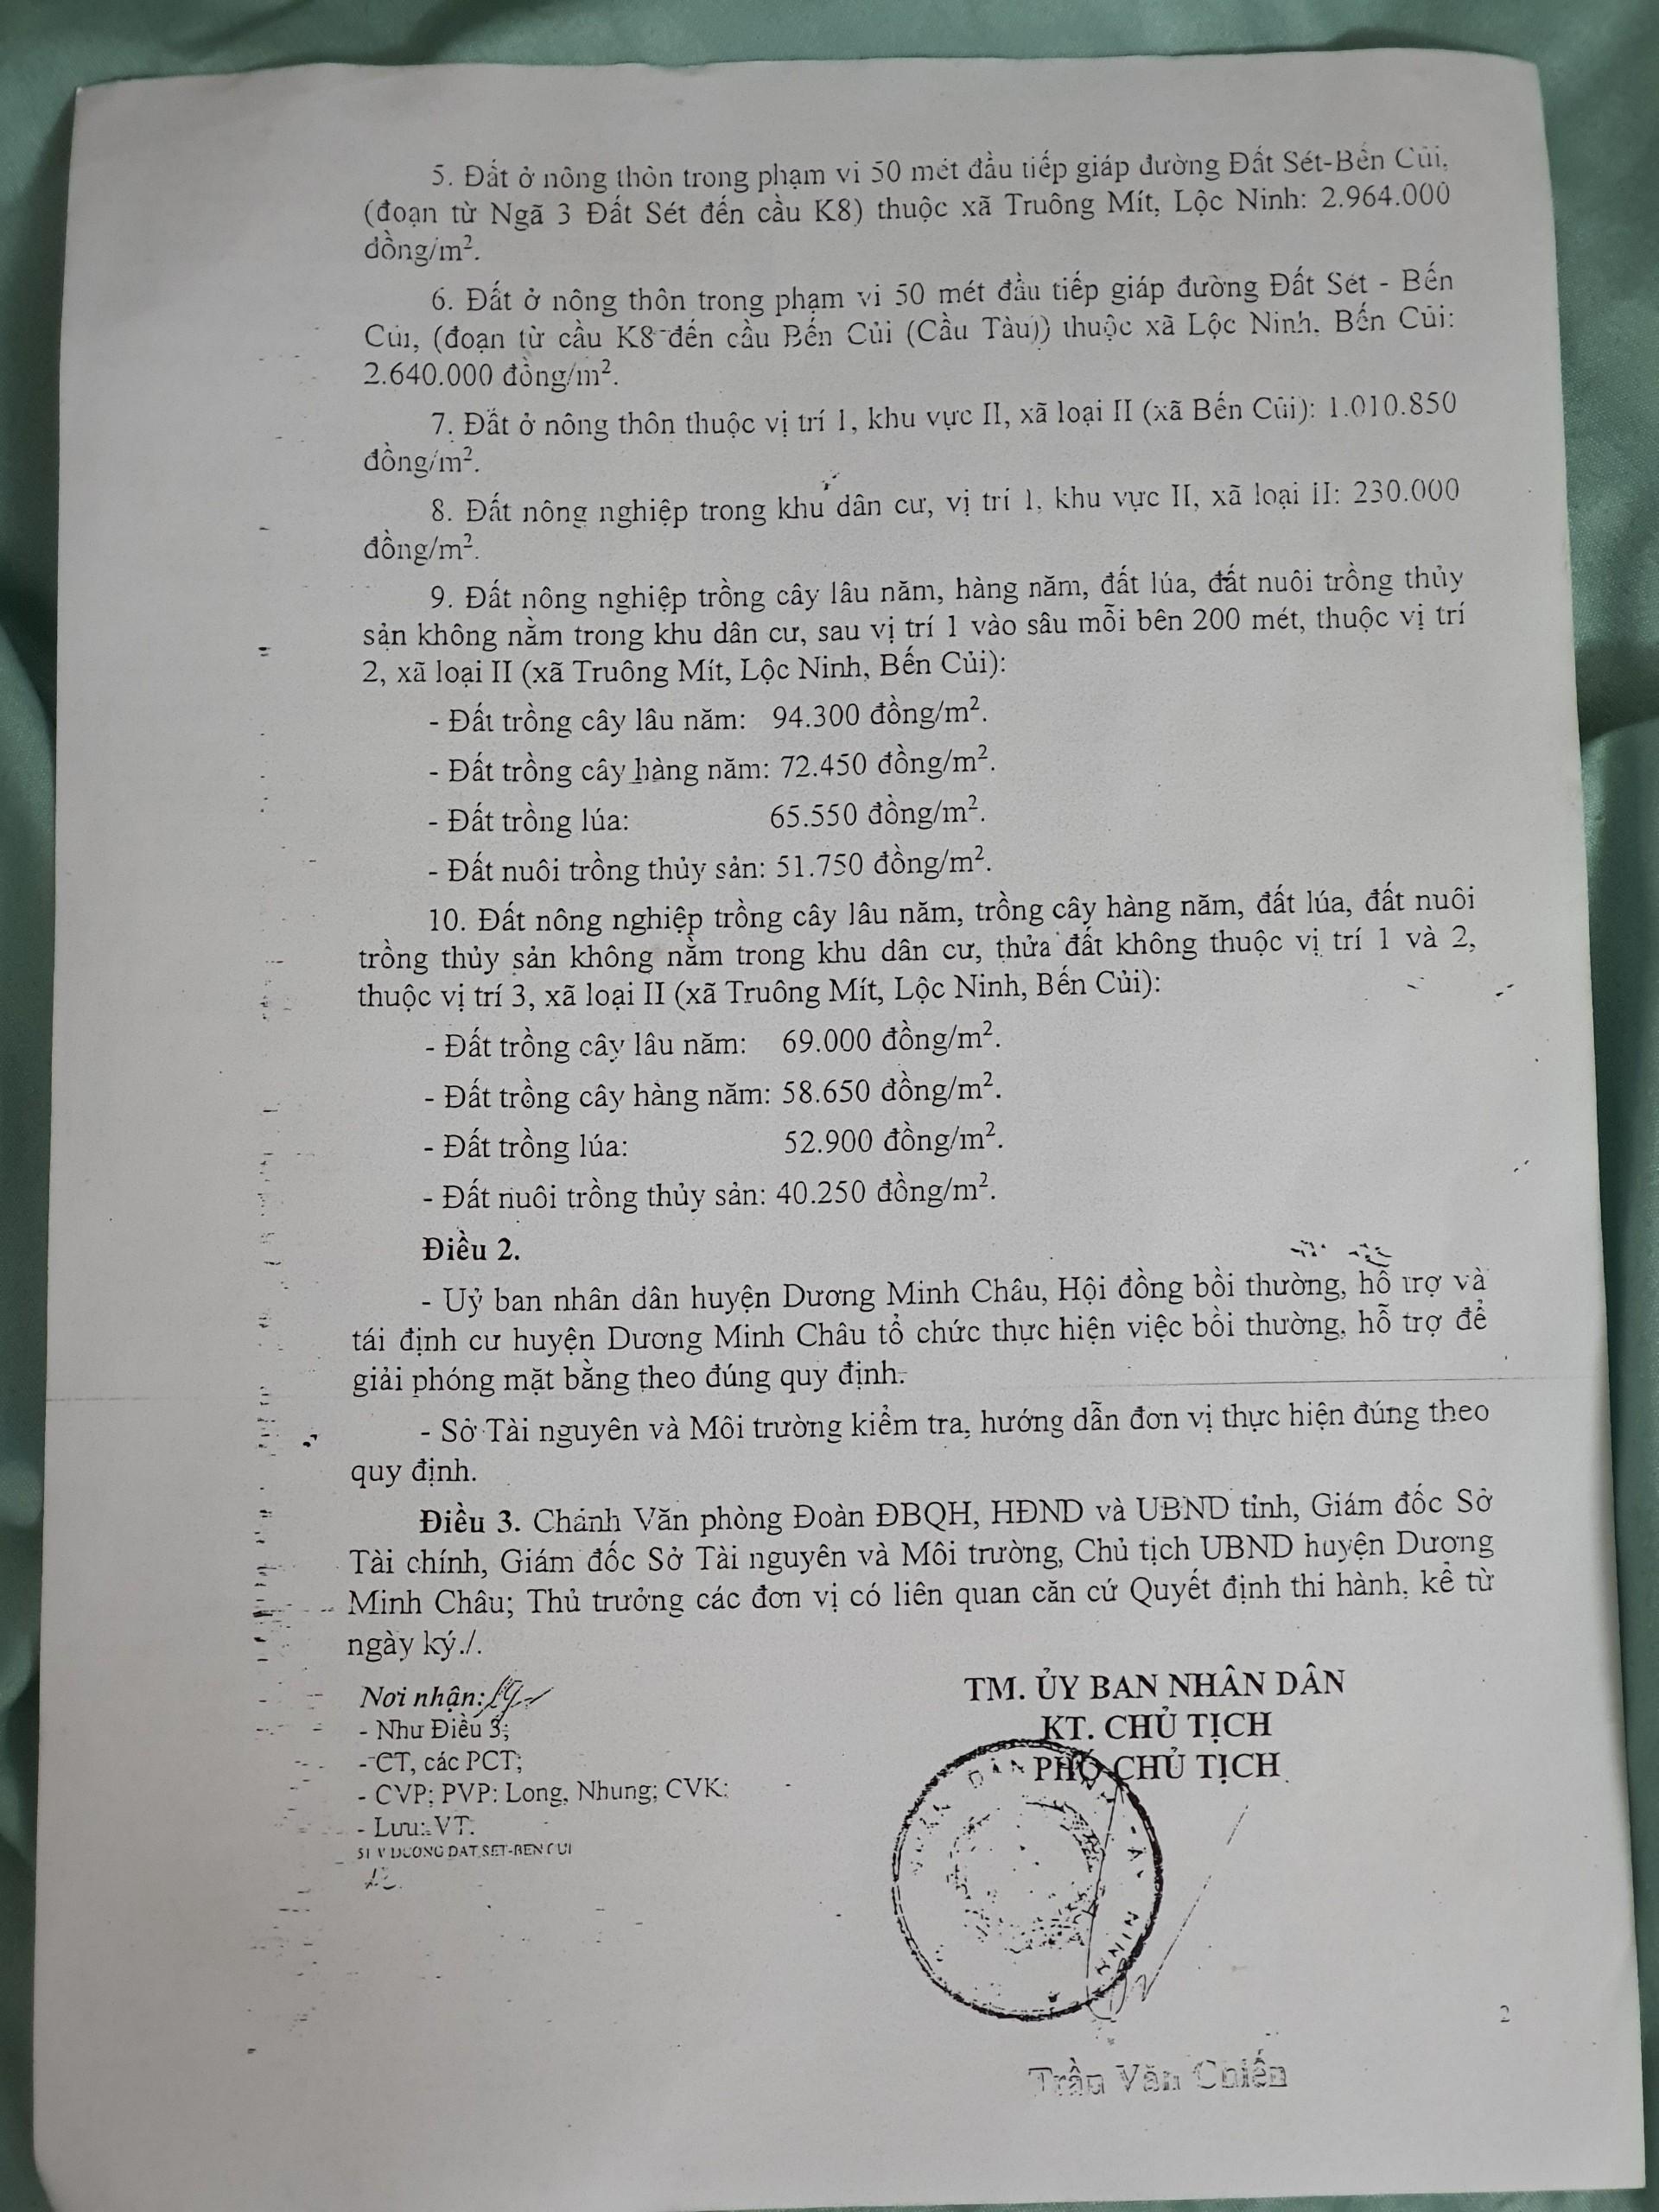 Quyết định 245/QĐ-UBND về việc phê duyệt giá đất cụ thể để bồi thường đất thực hiện công trình đường Đất Sét – Bến Củi, huyện Dương Minh Châu.